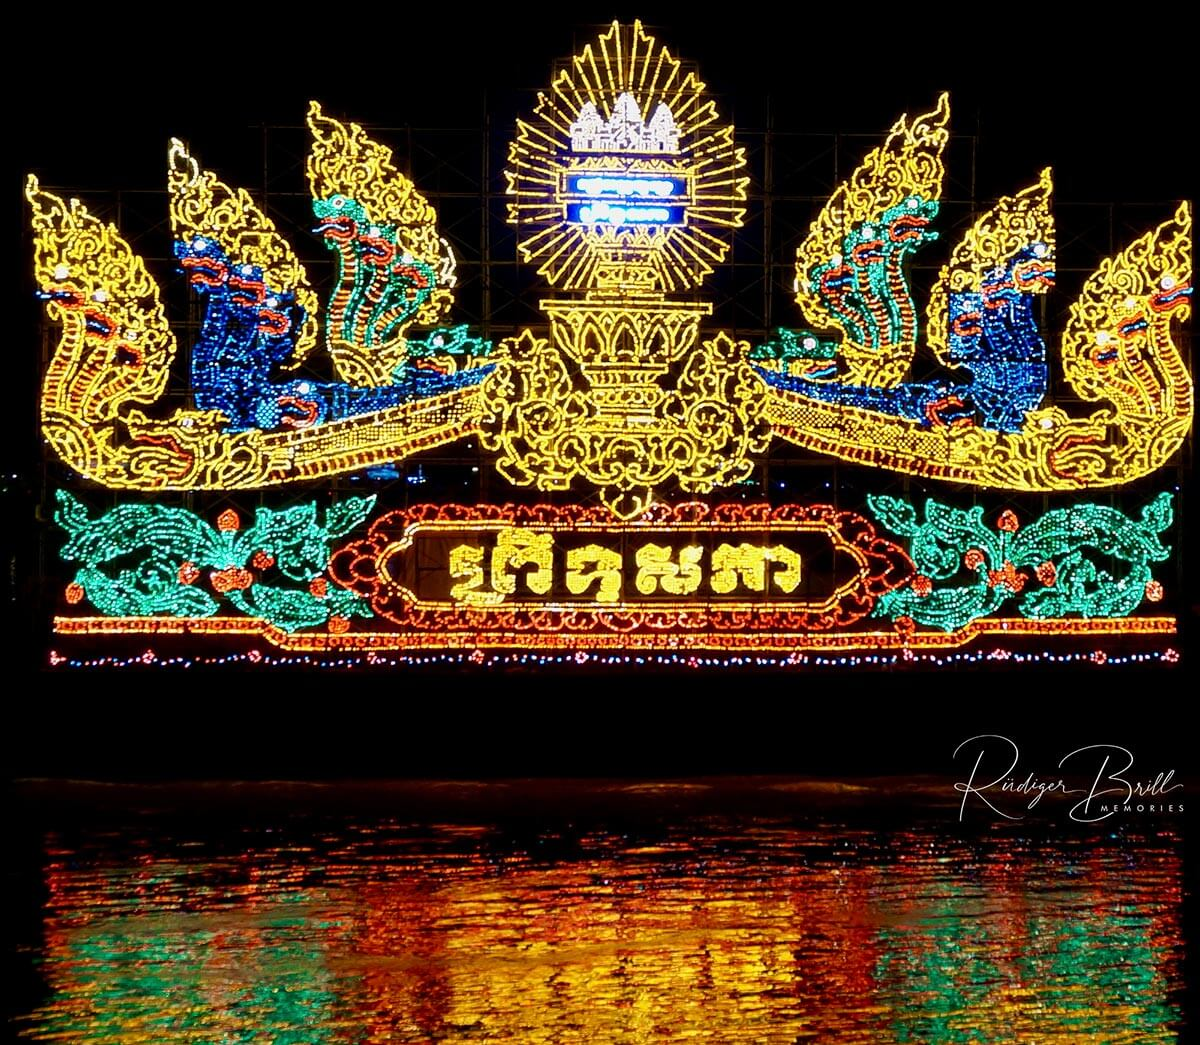 Bandet Bratib - große Schiffe mit teils riesigen Aufbauten zum Bon Om Touk und zahlreichen LED Lampen.